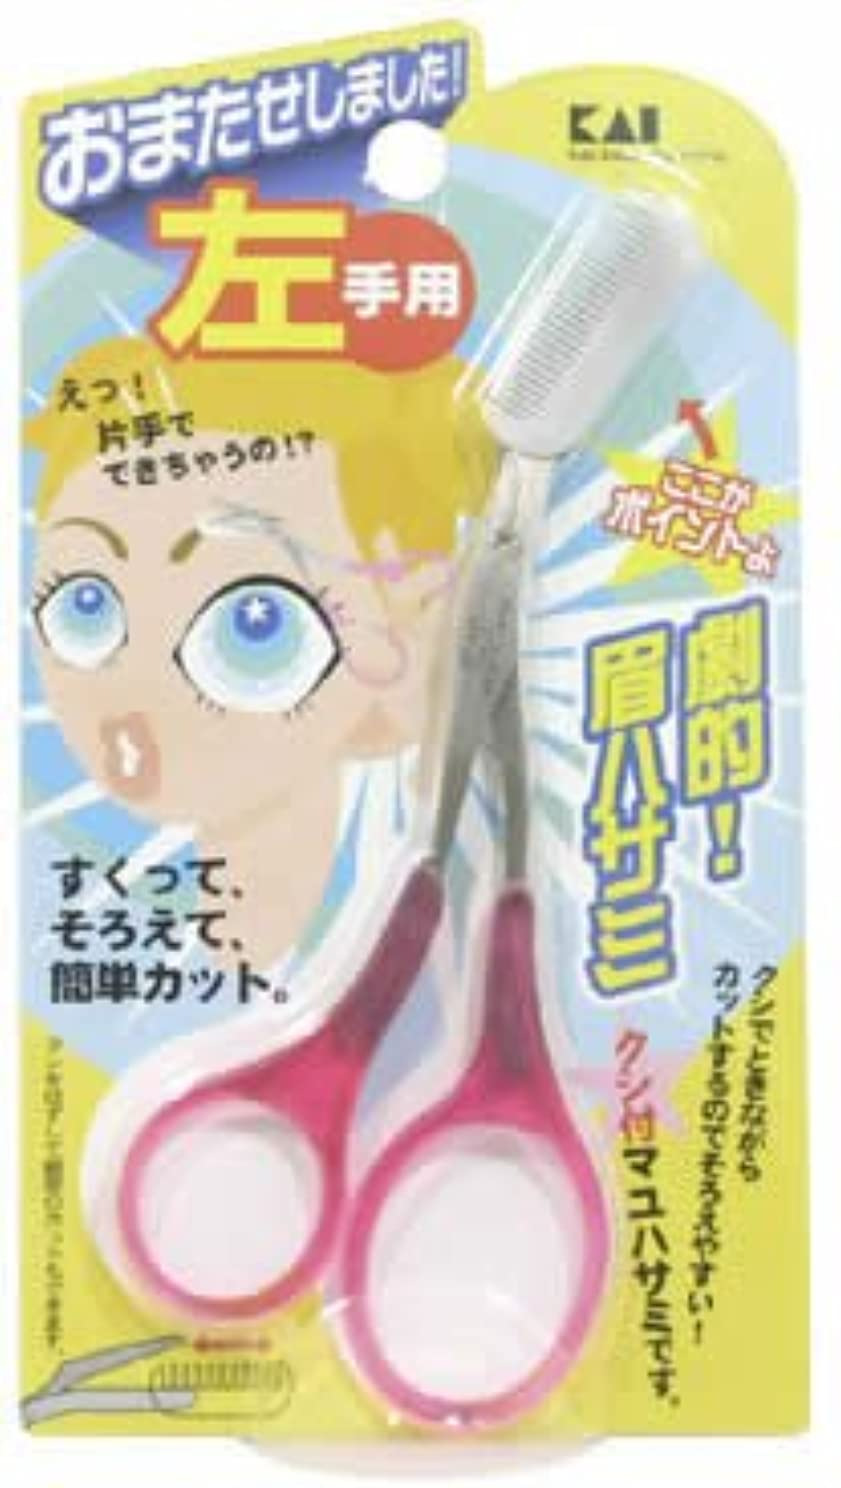 描写フラッシュのように素早くチャンピオンクシ付きマユハサミ (左手用) ピンク